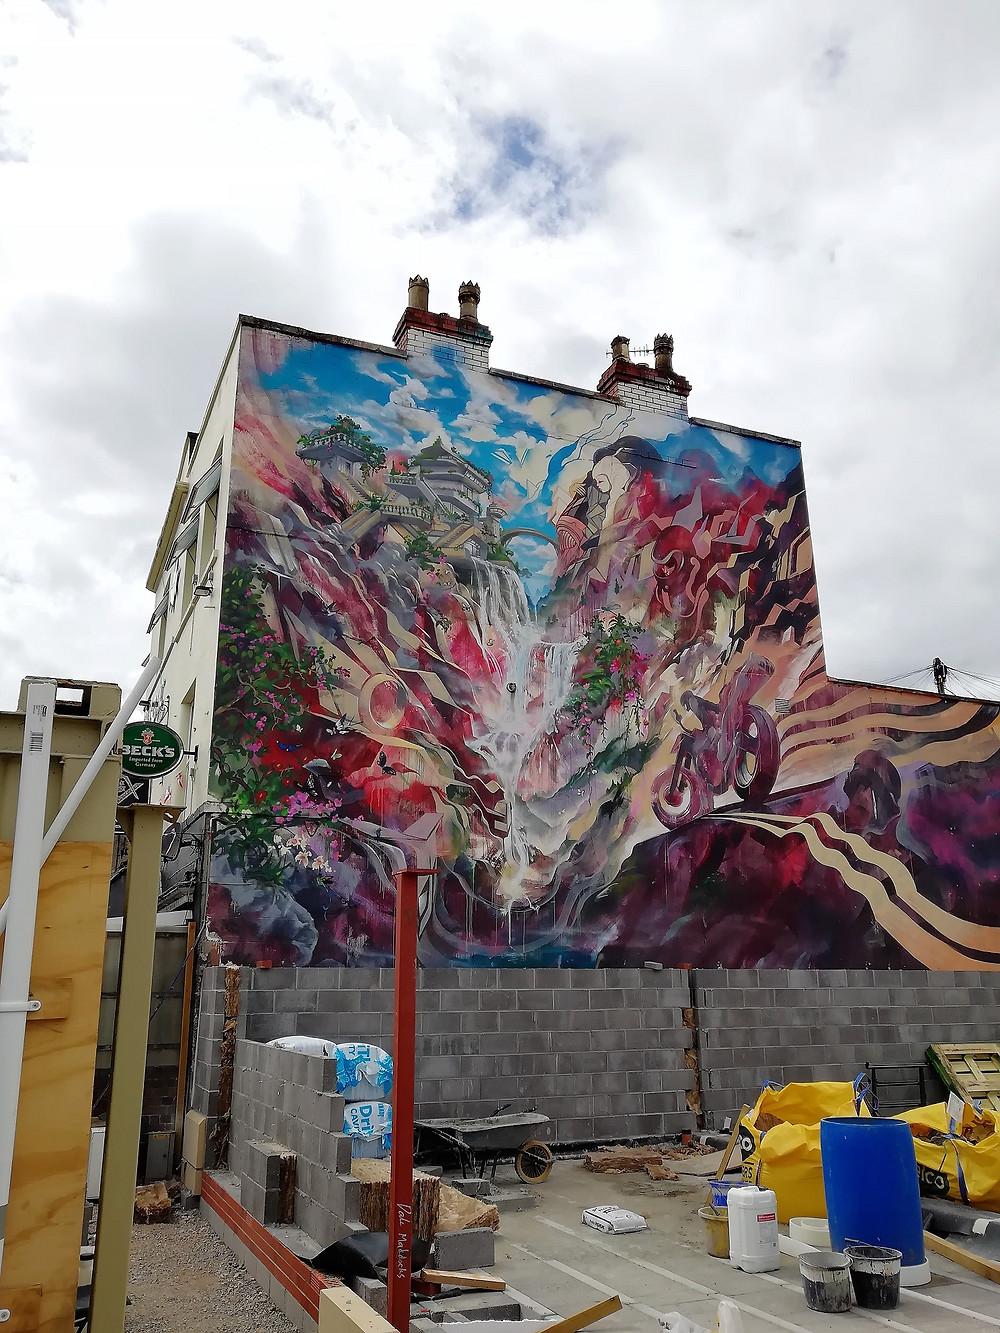 Bristol Upfest street art